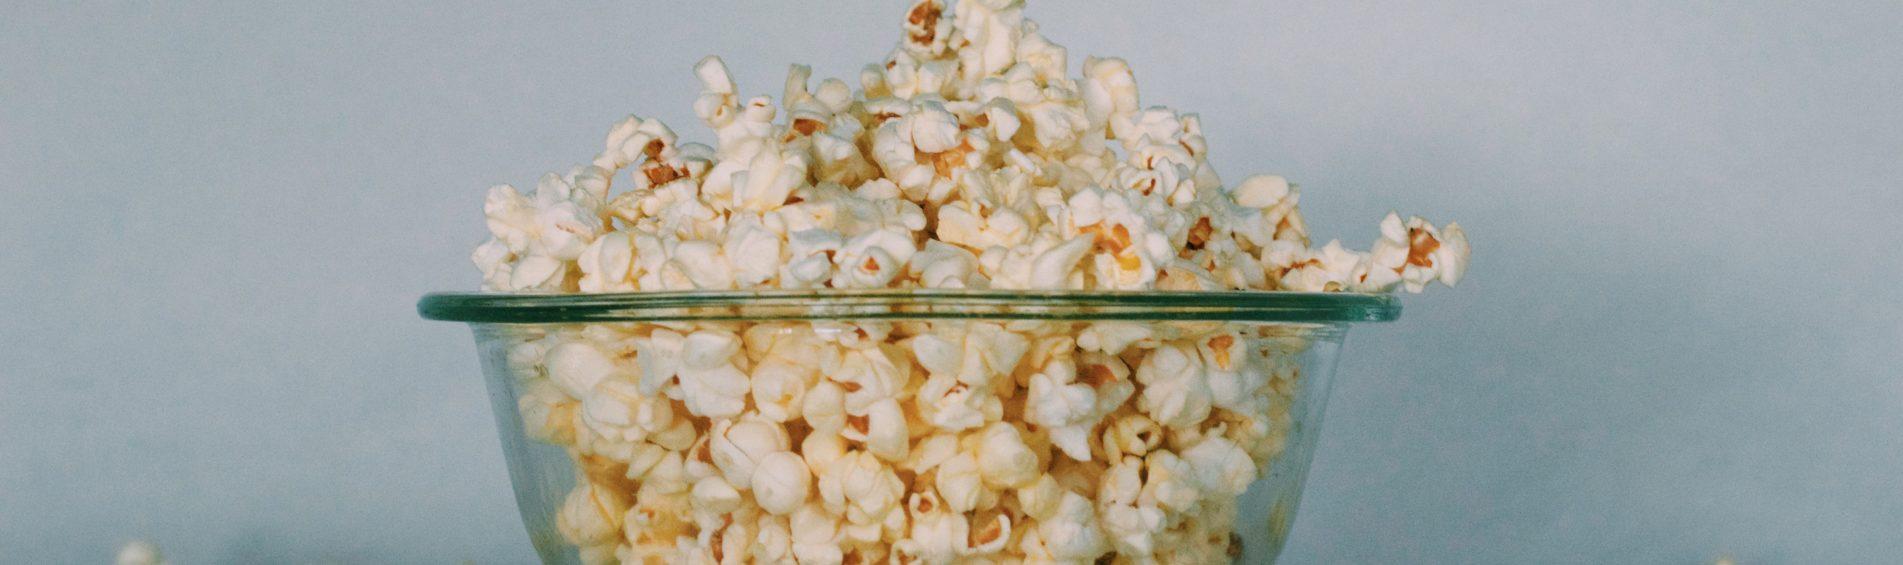 Cineforum 2018/2019: settimo appuntamento